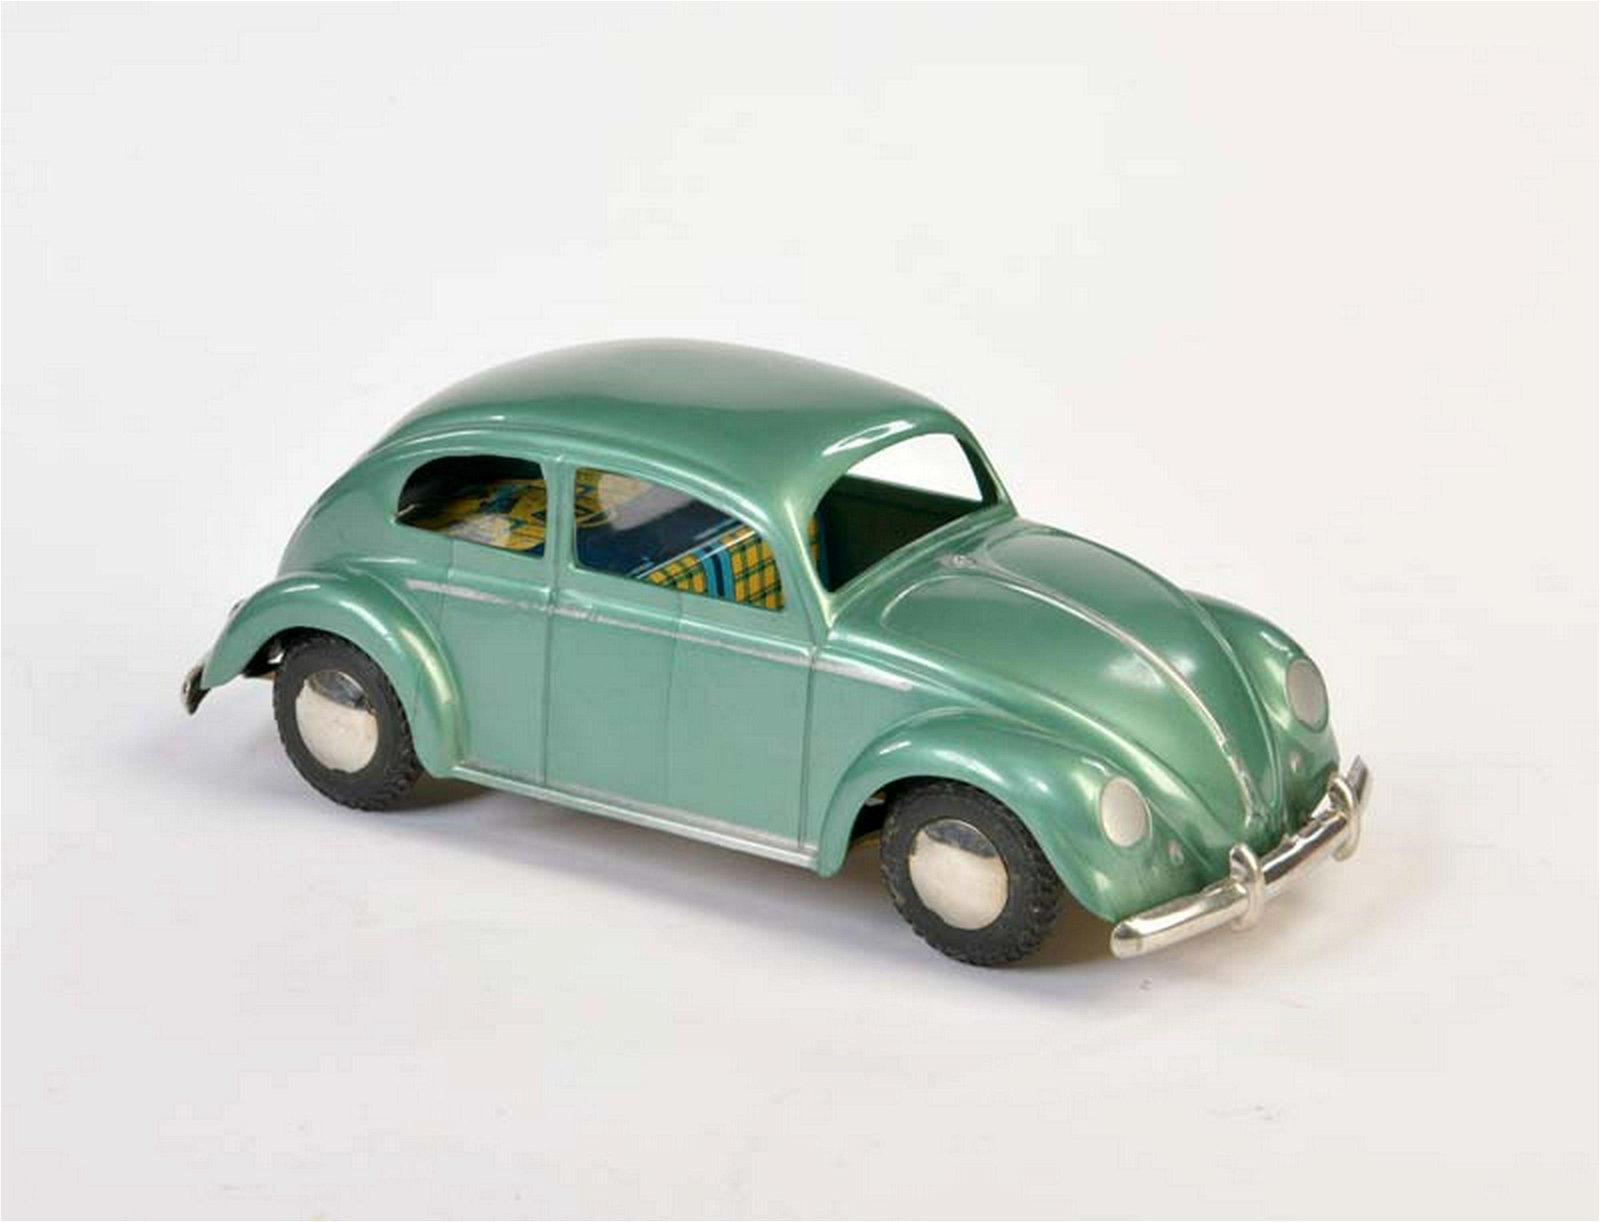 Arnold, VW Kaefer